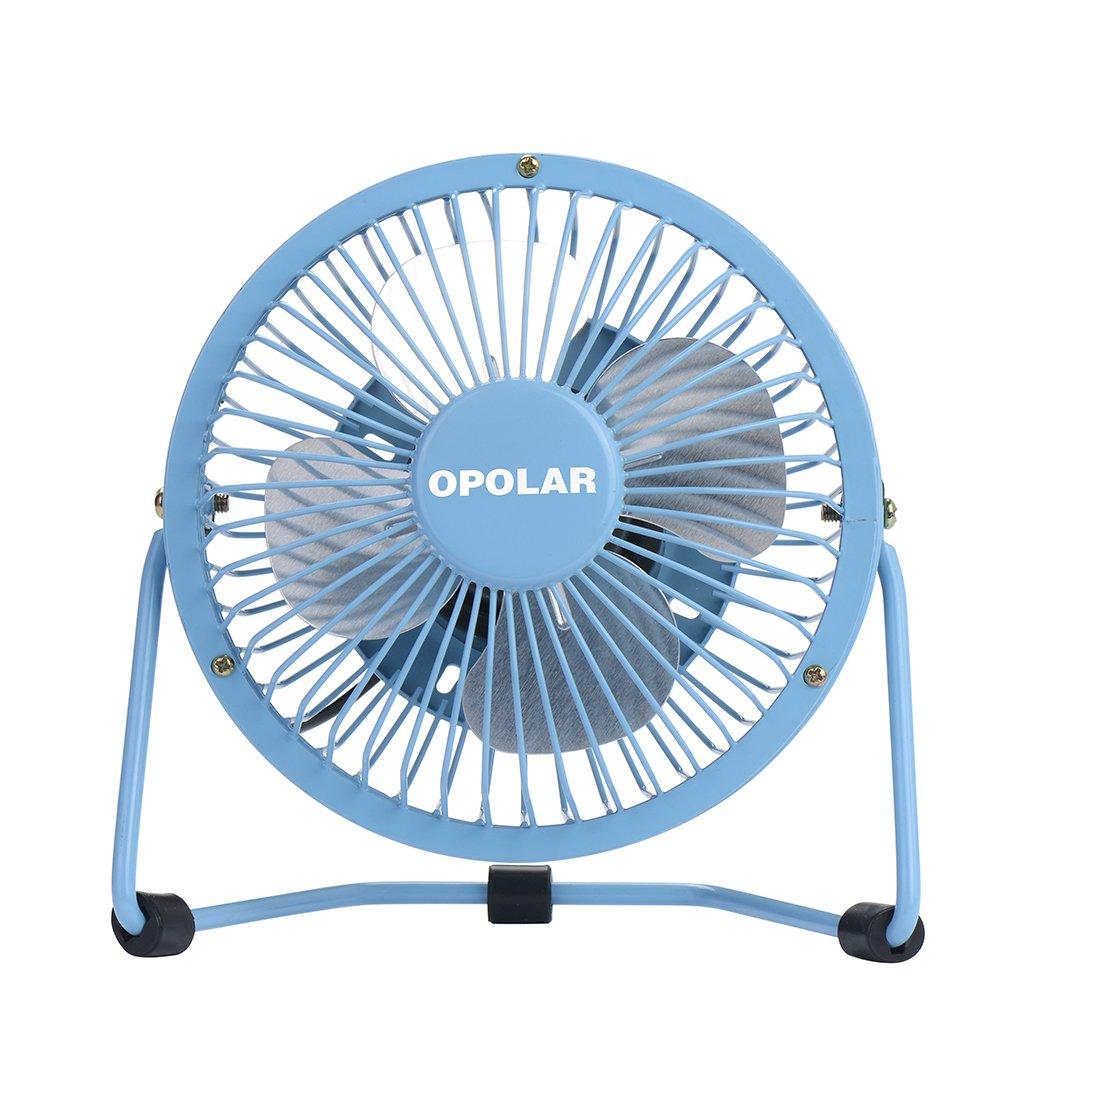 opolar mini usb desk fan  usb powered  metal design  quiet